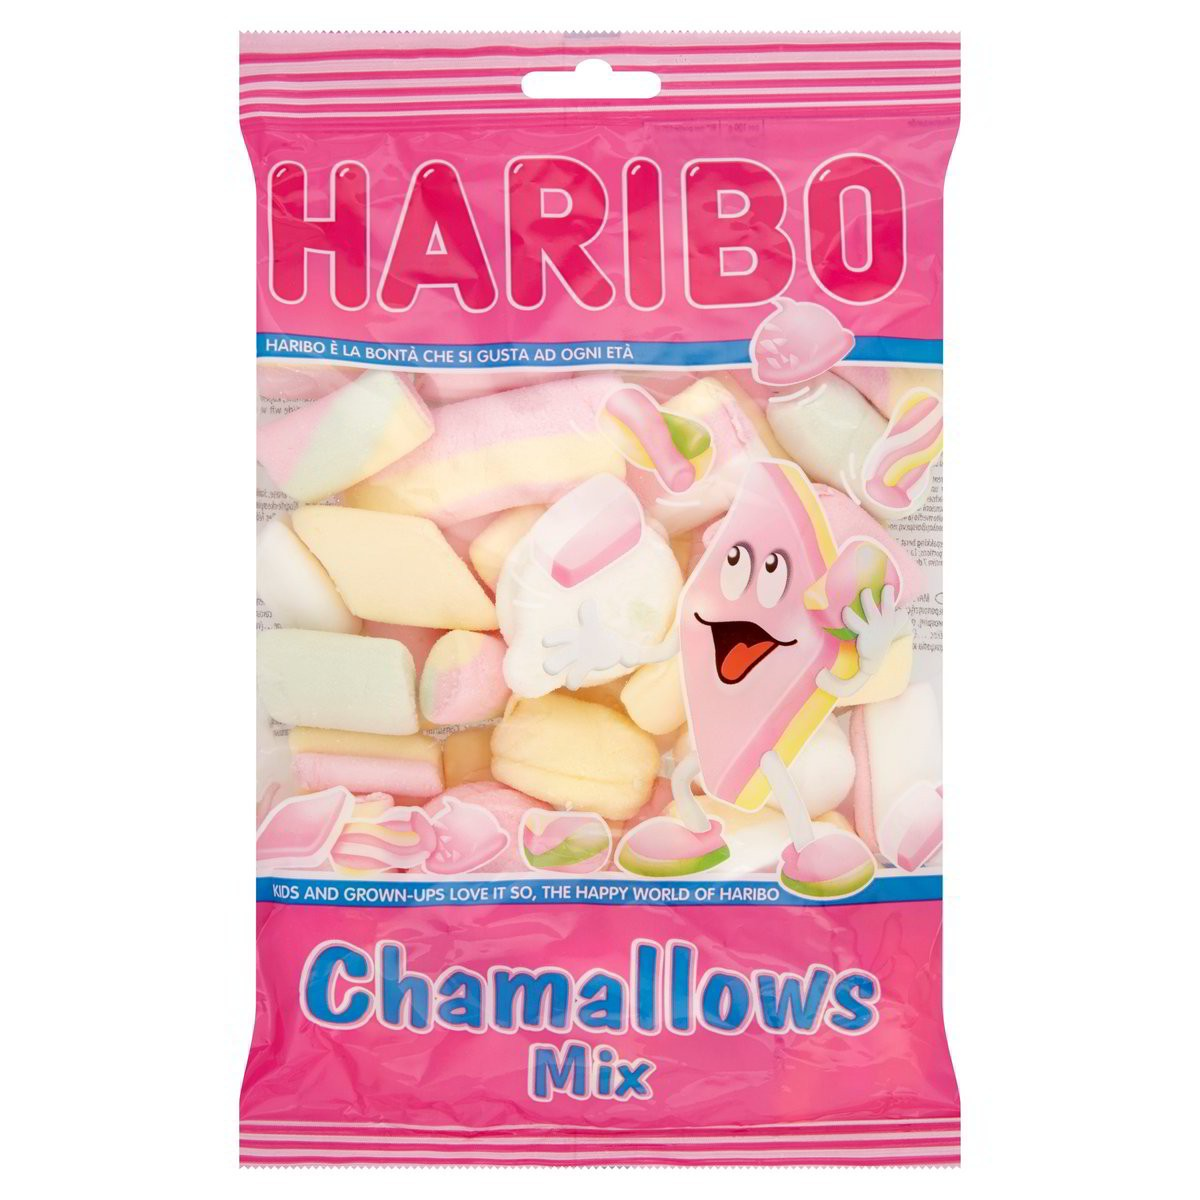 Chamallows Mix